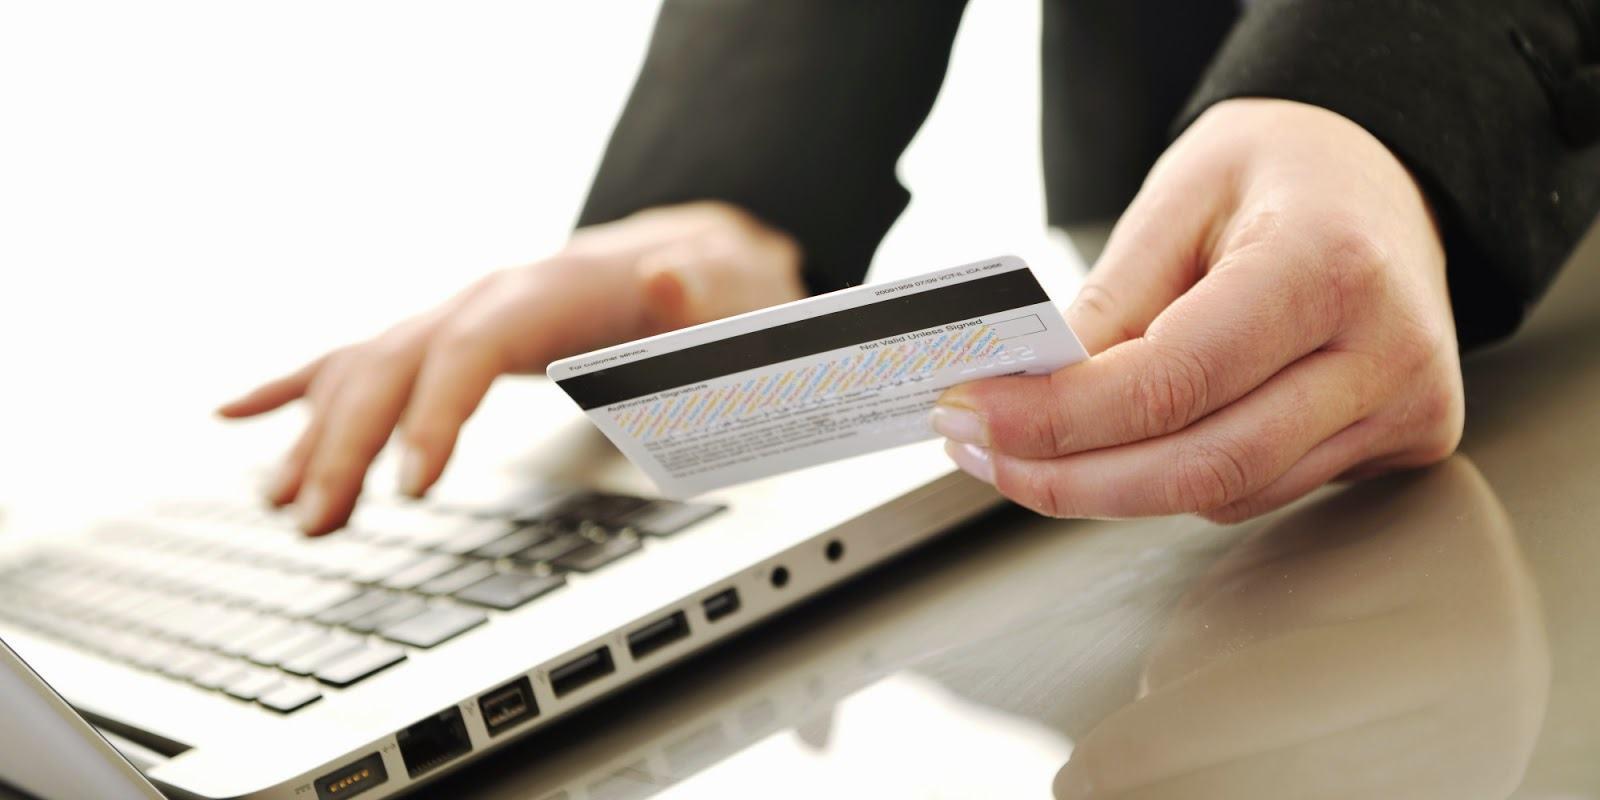 Hướng dẫn lấy lại tiền khi chuyển khoản nhầm cho tài khoản khác